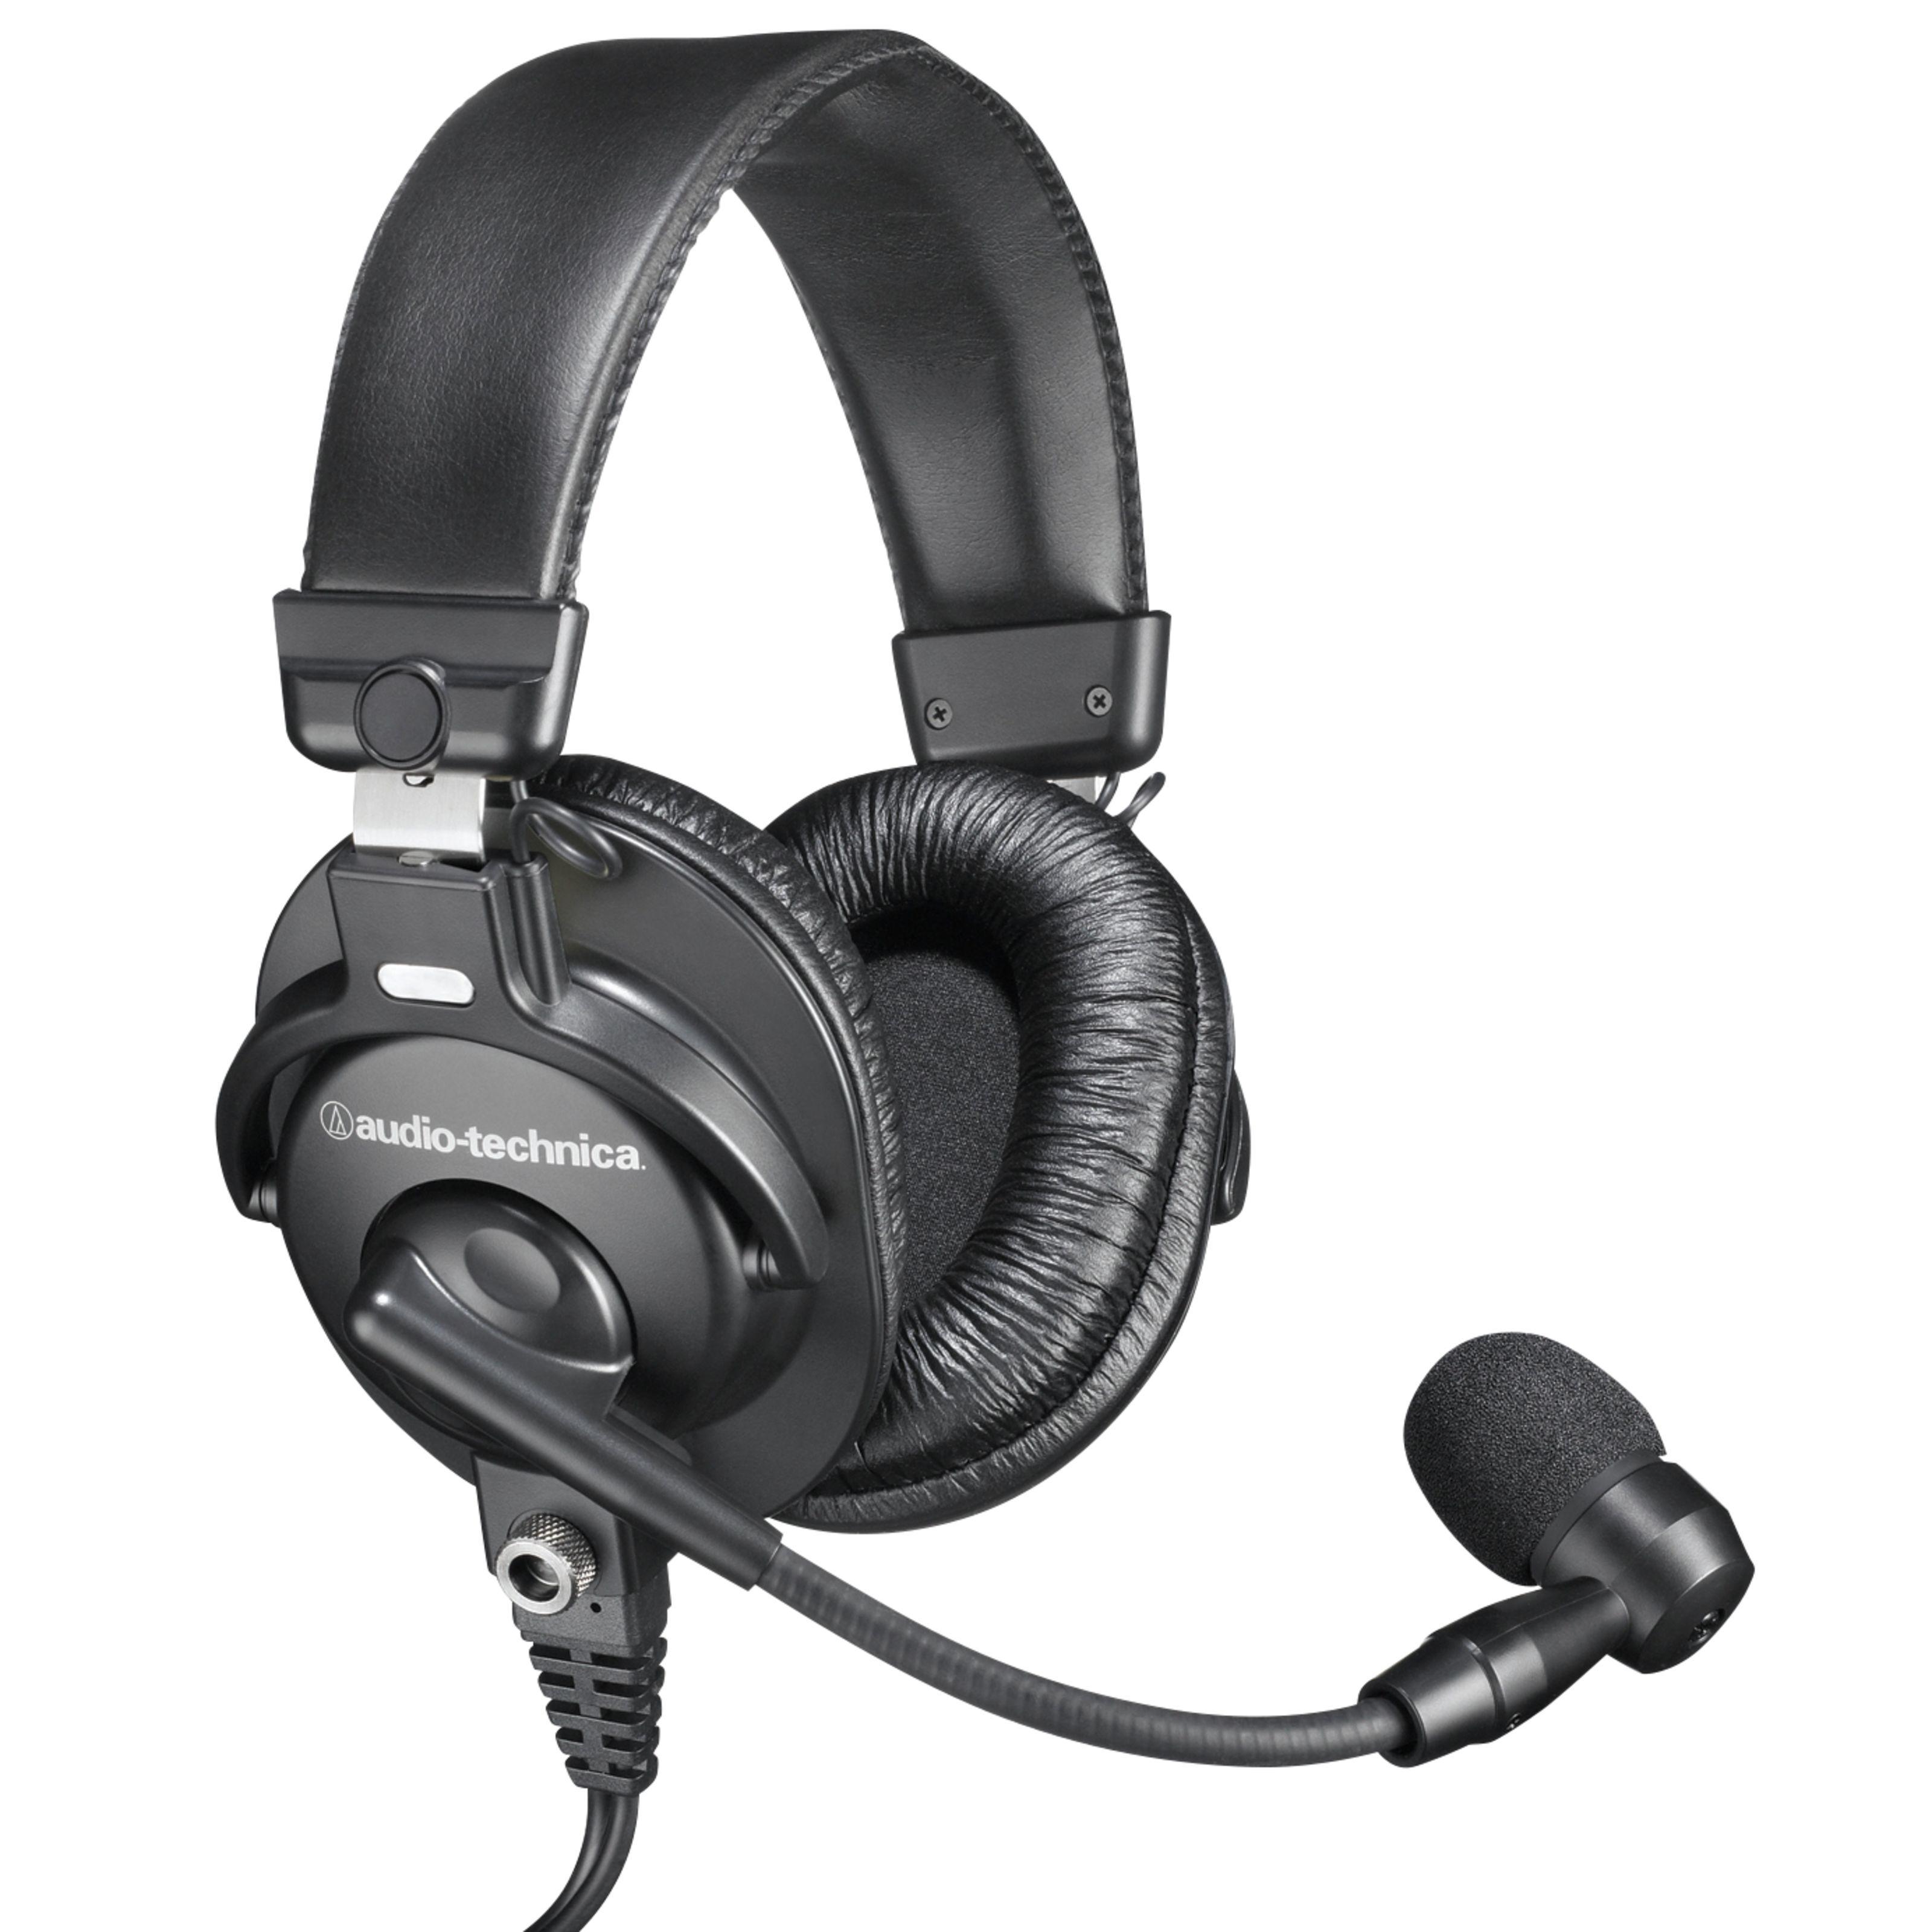 Technica Audio-Technica - BPHS 1 Hör- Sprechgarnitur